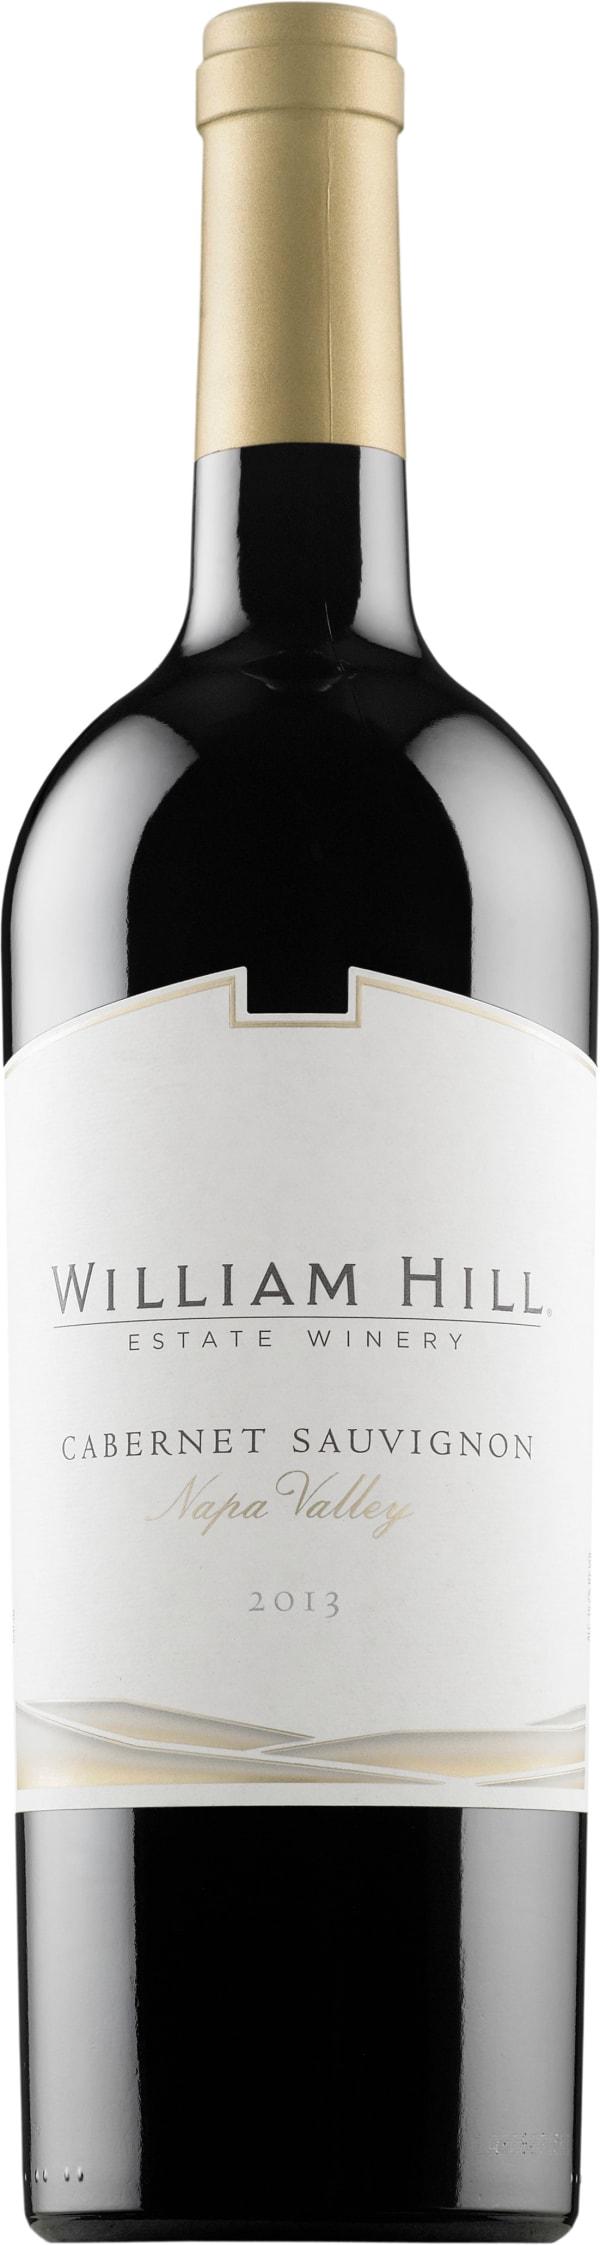 William Hill Napa Valley Cabernet Sauvignon 2013